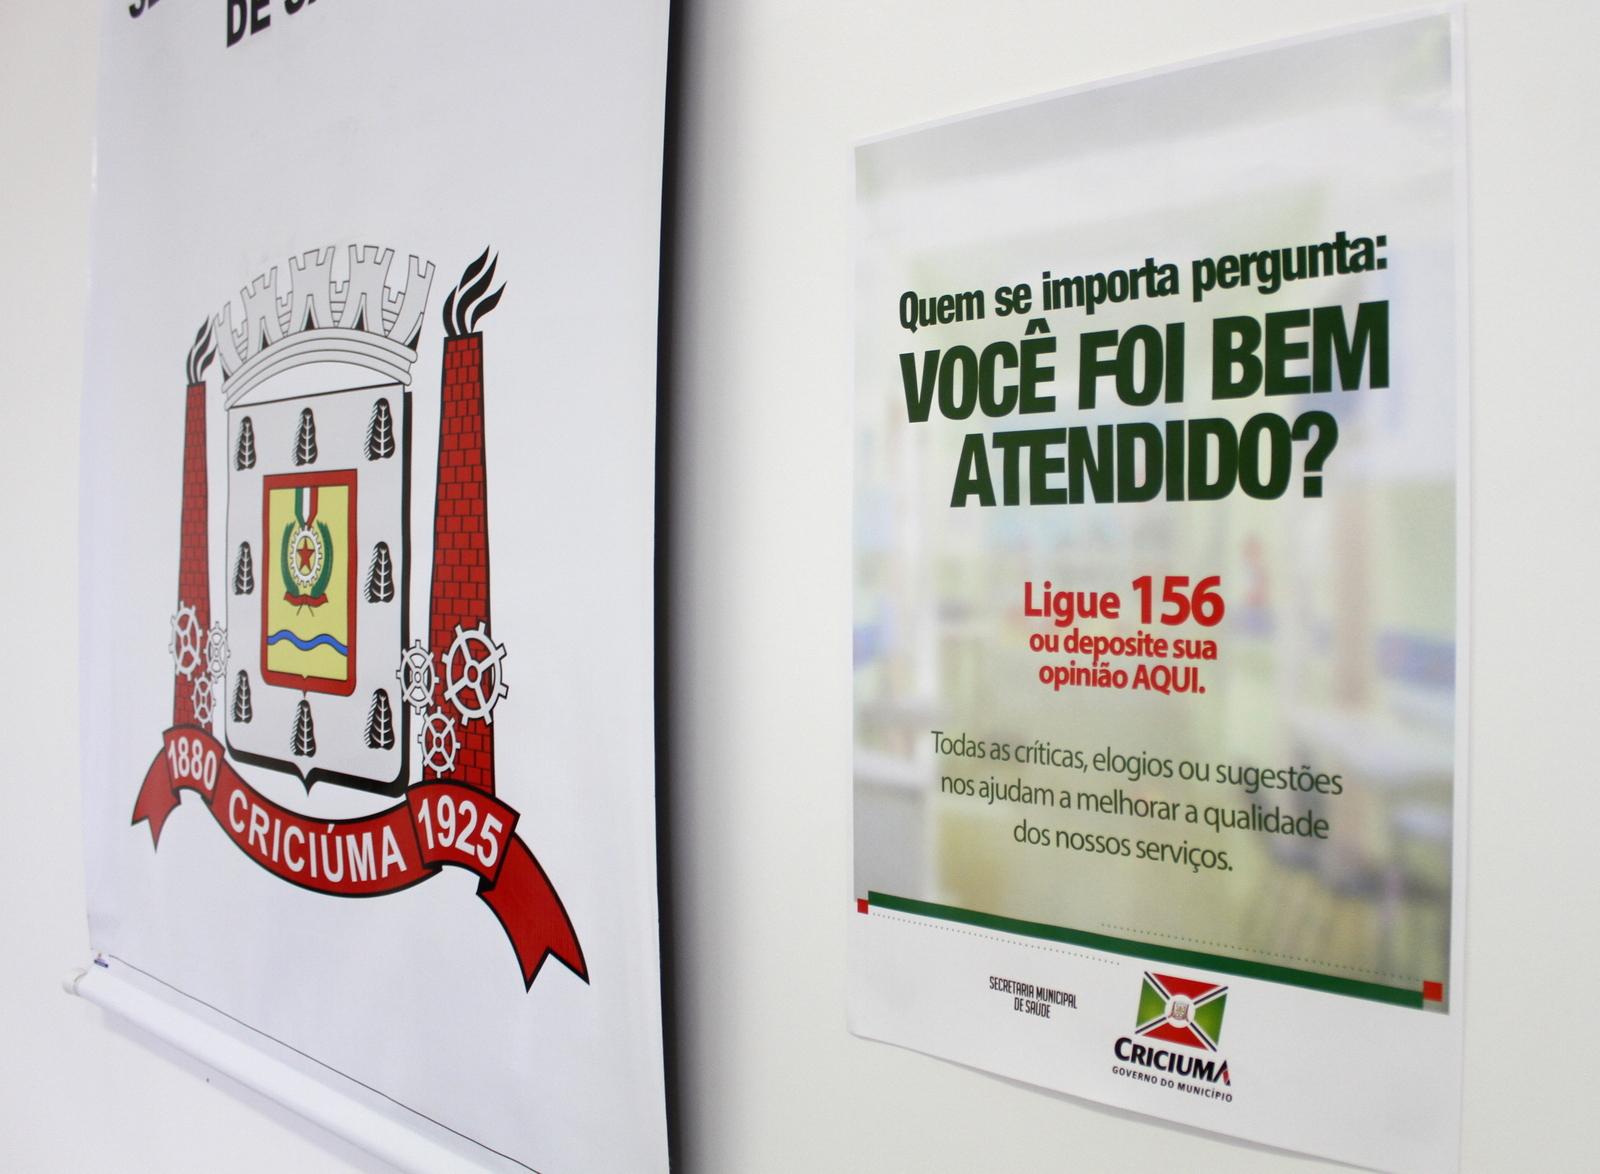 Administração Municipal disponibiliza caixas coletoras de sugestões em Unidades de Saúde de Criciúma